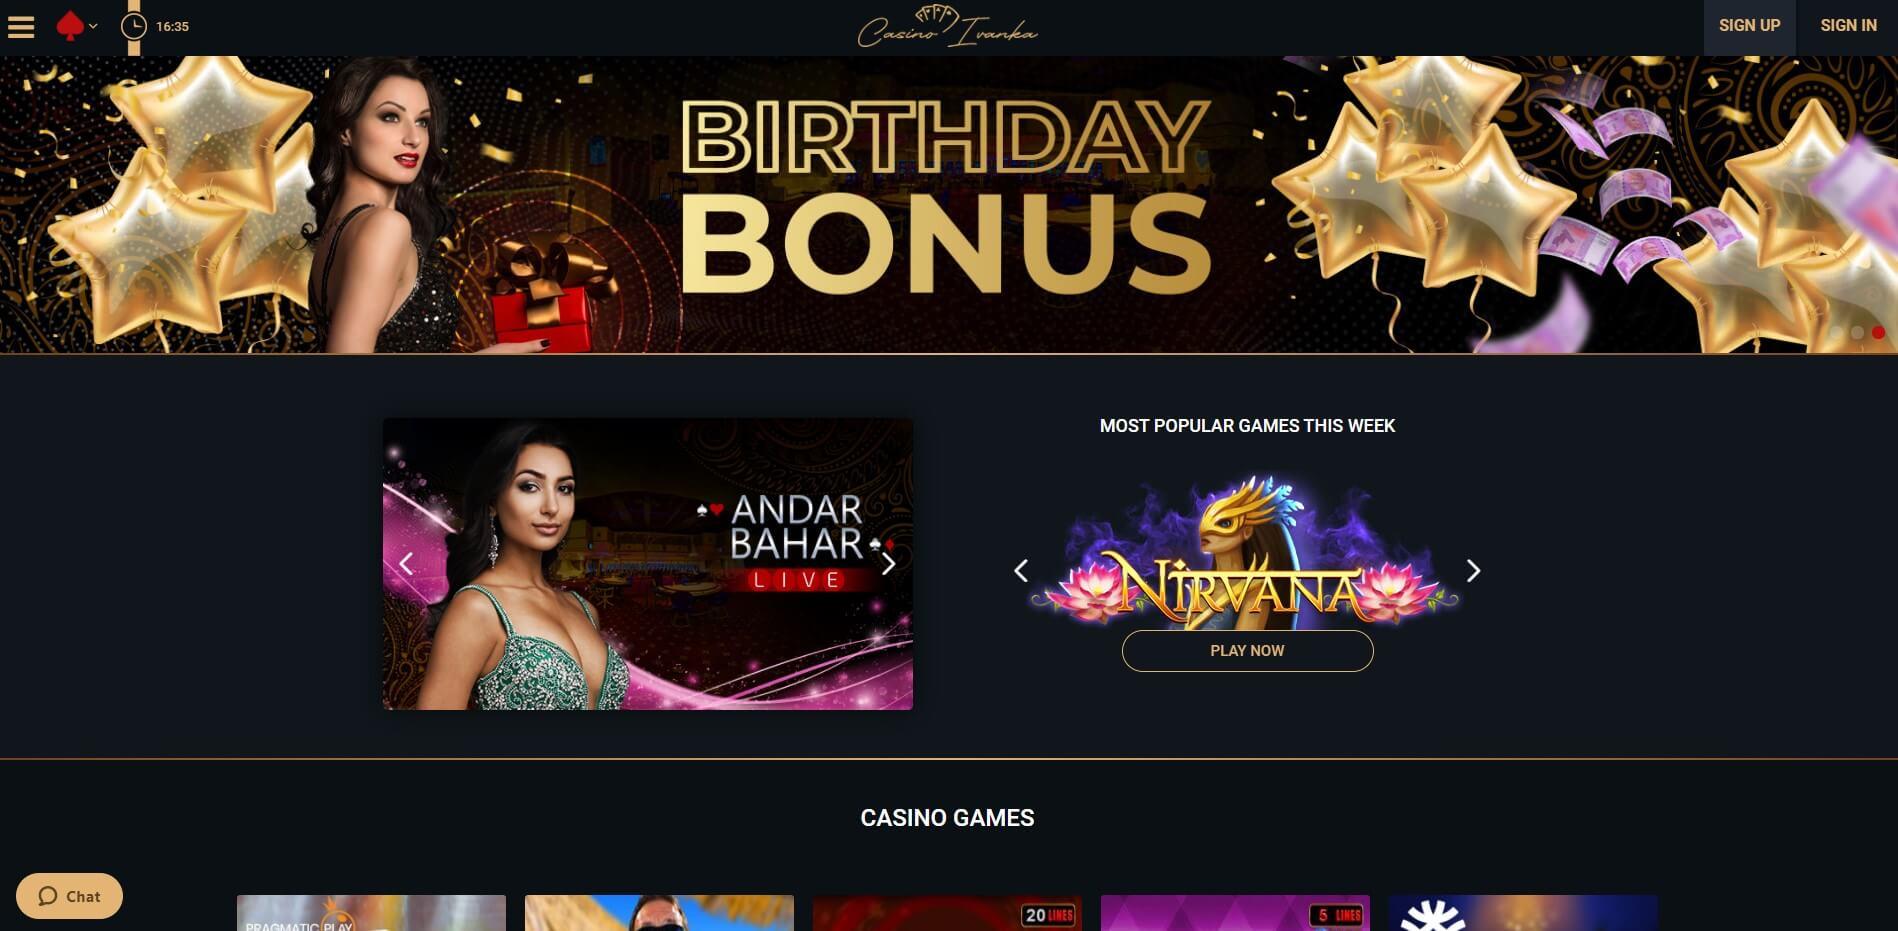 casinoivanka.com - Website Review